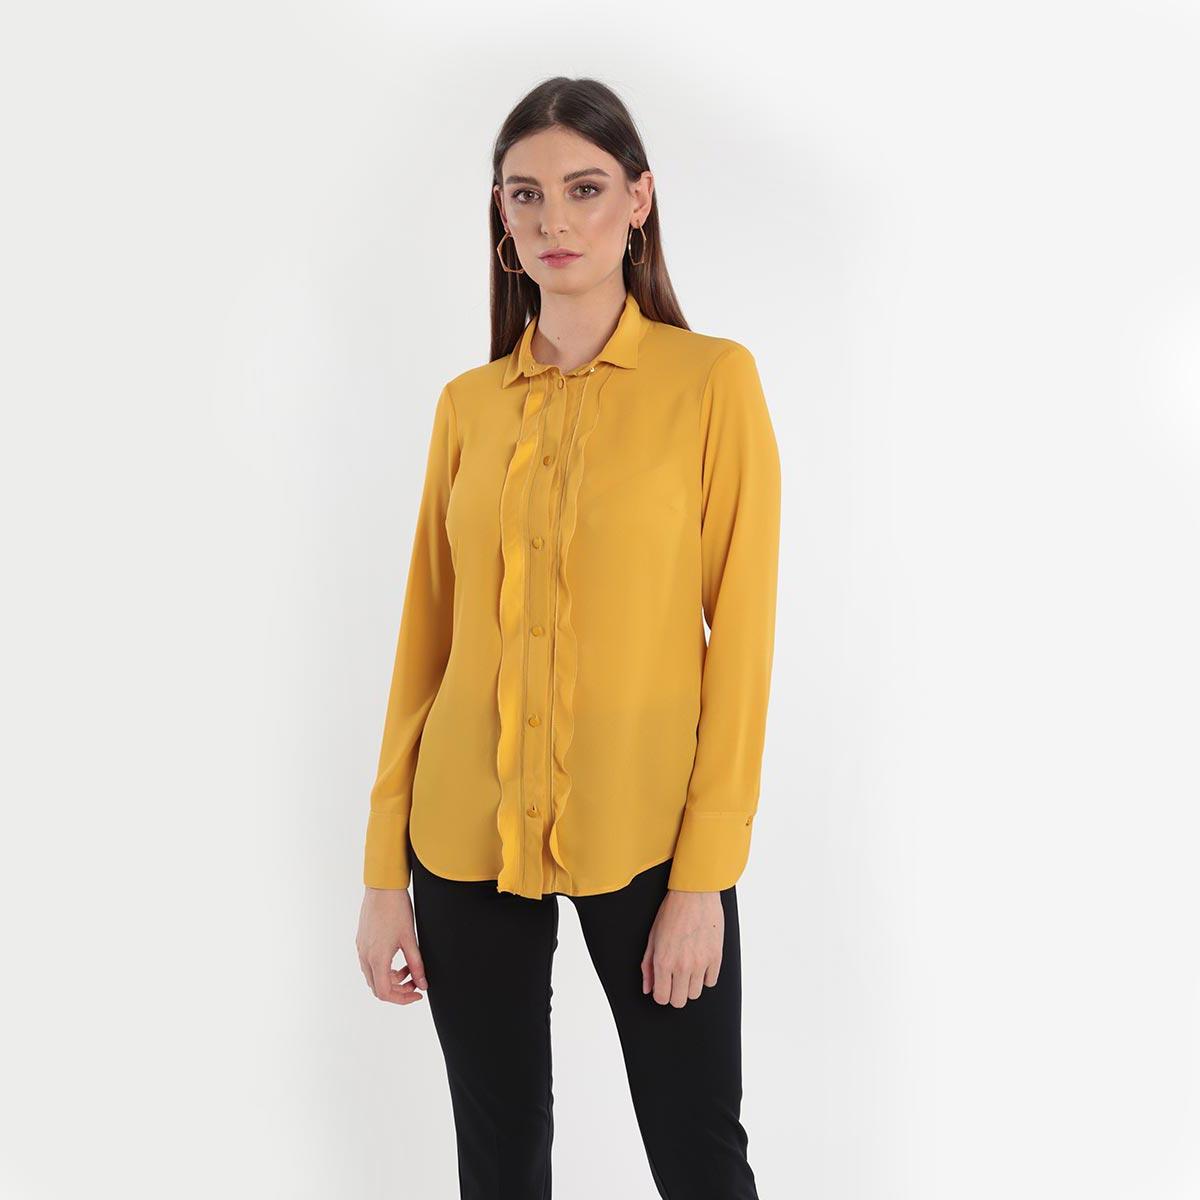 camicia con volant Primavera 2020 Meteore Fashion